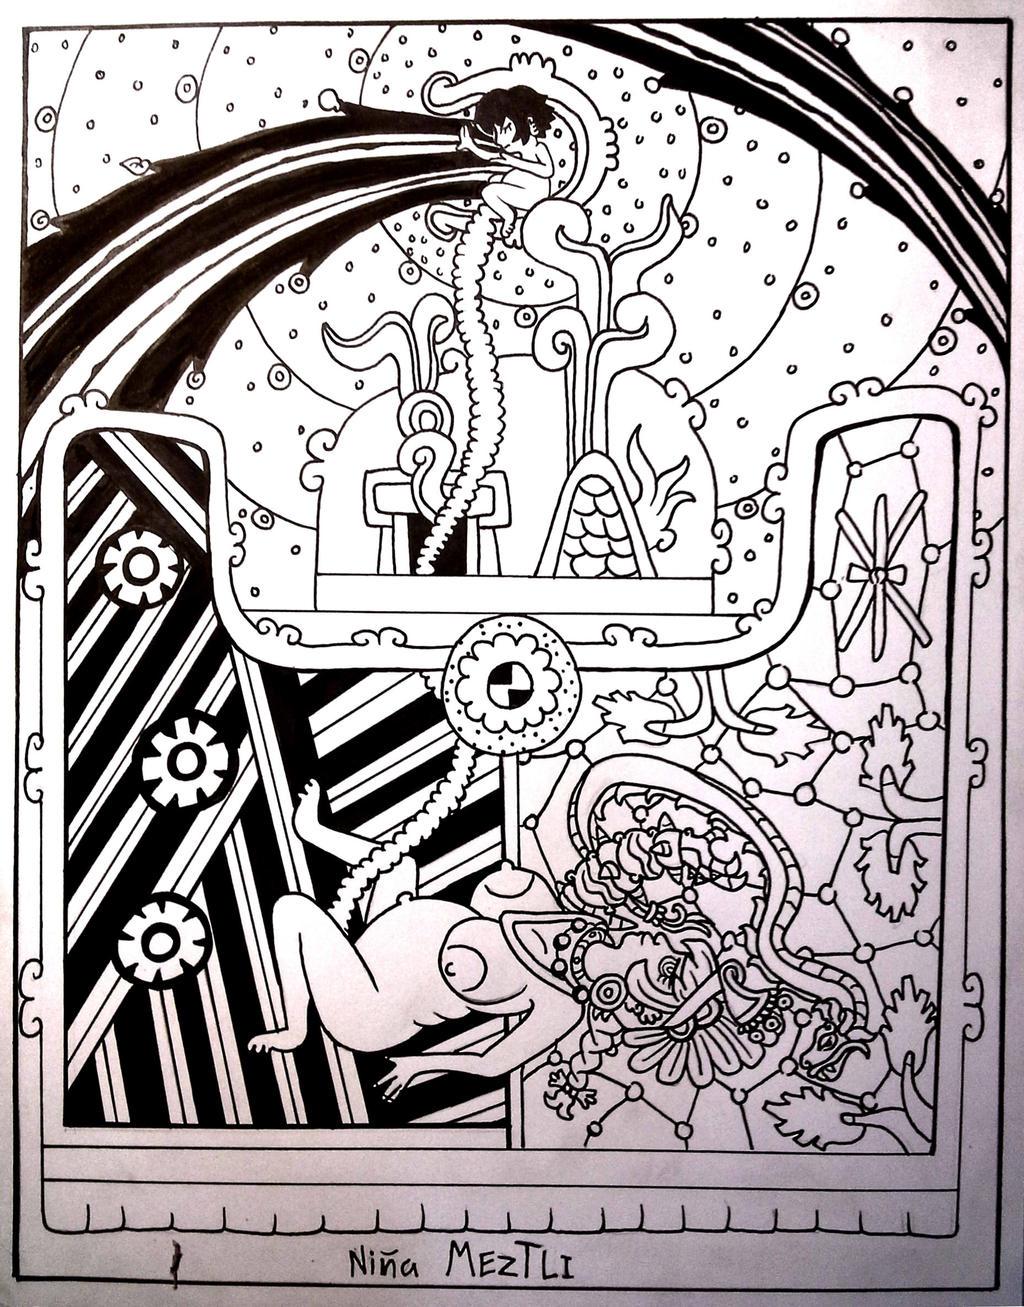 El nacimiento de Meztli. by ah-puch-zegno